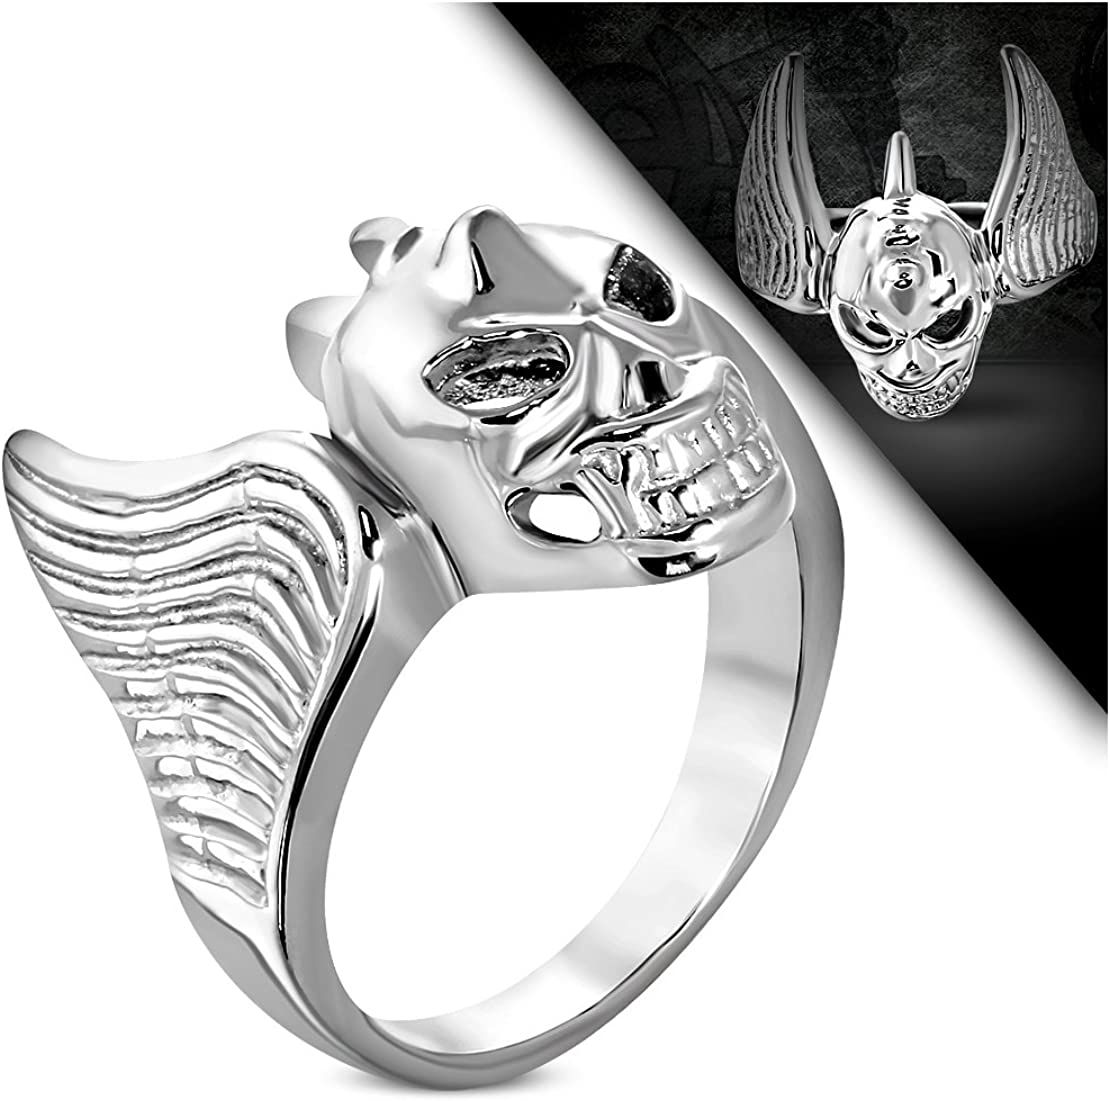 Stainless Steel Bat Wing Vampire Skull Biker Ring